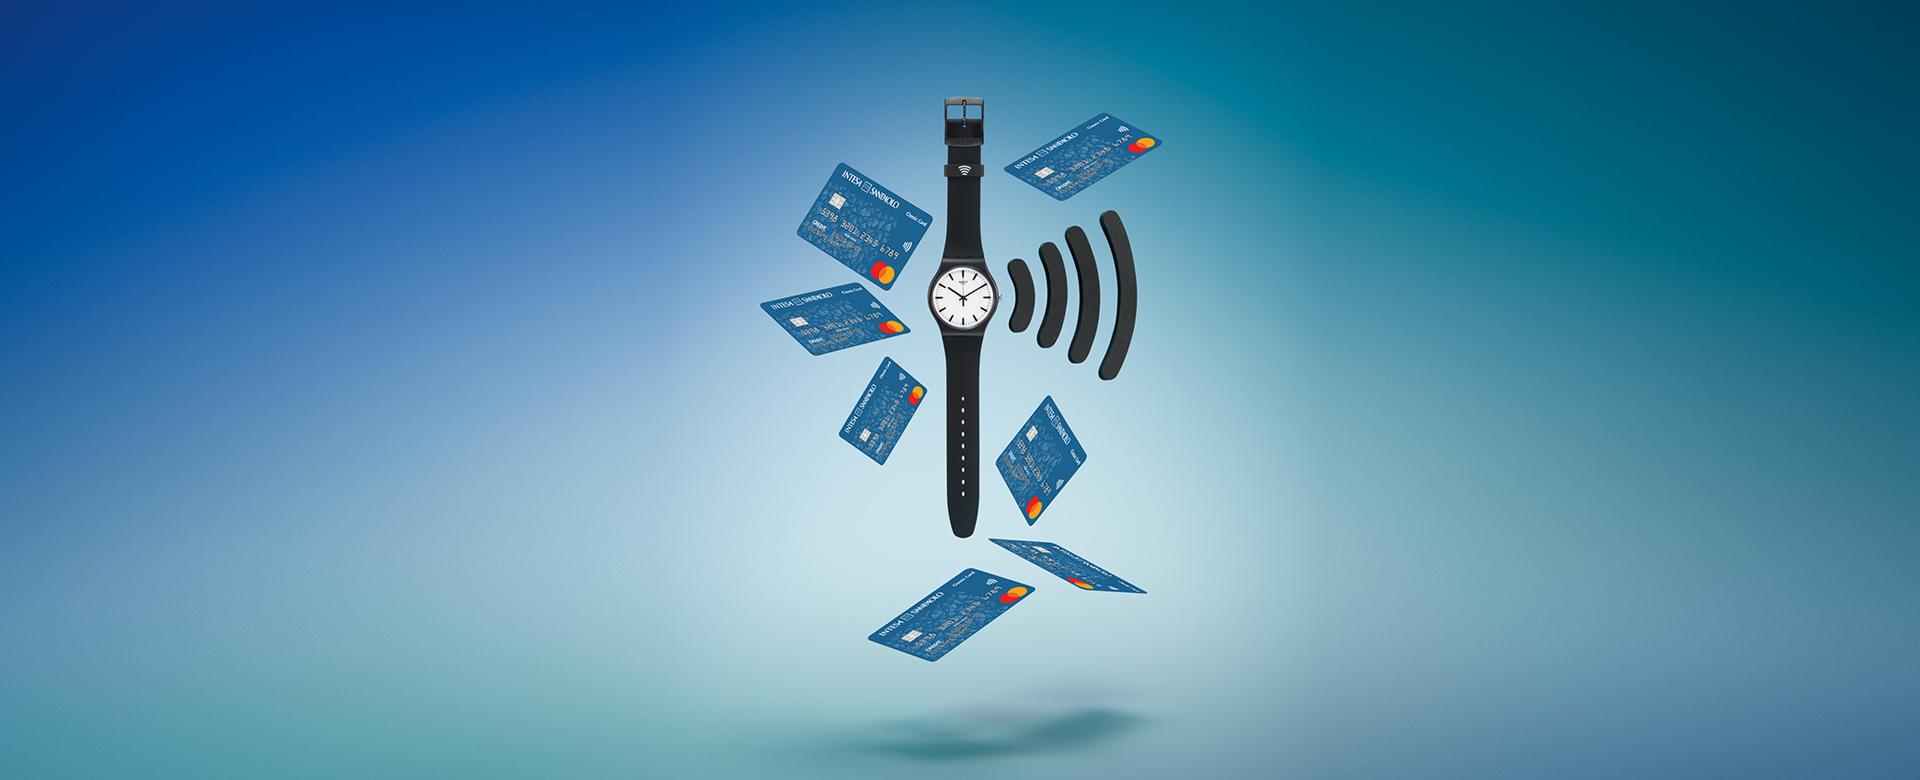 SwatchPAY! è un nuovo sistema di pagamento contactless disponibile in Italia